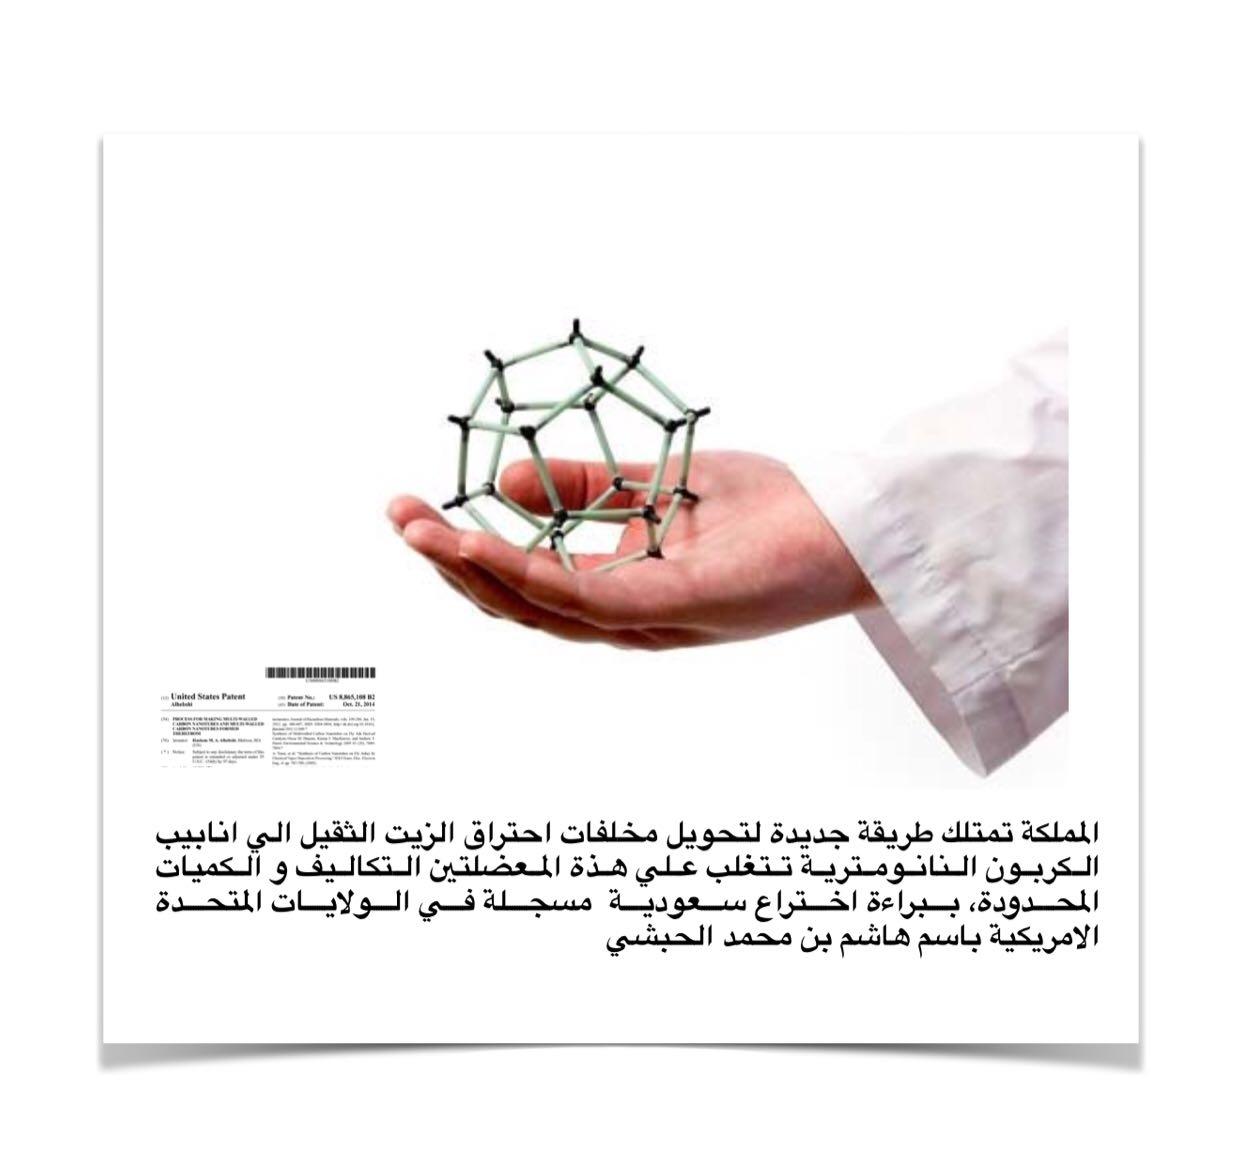 صناعة أنابيب الكربون النانومترية